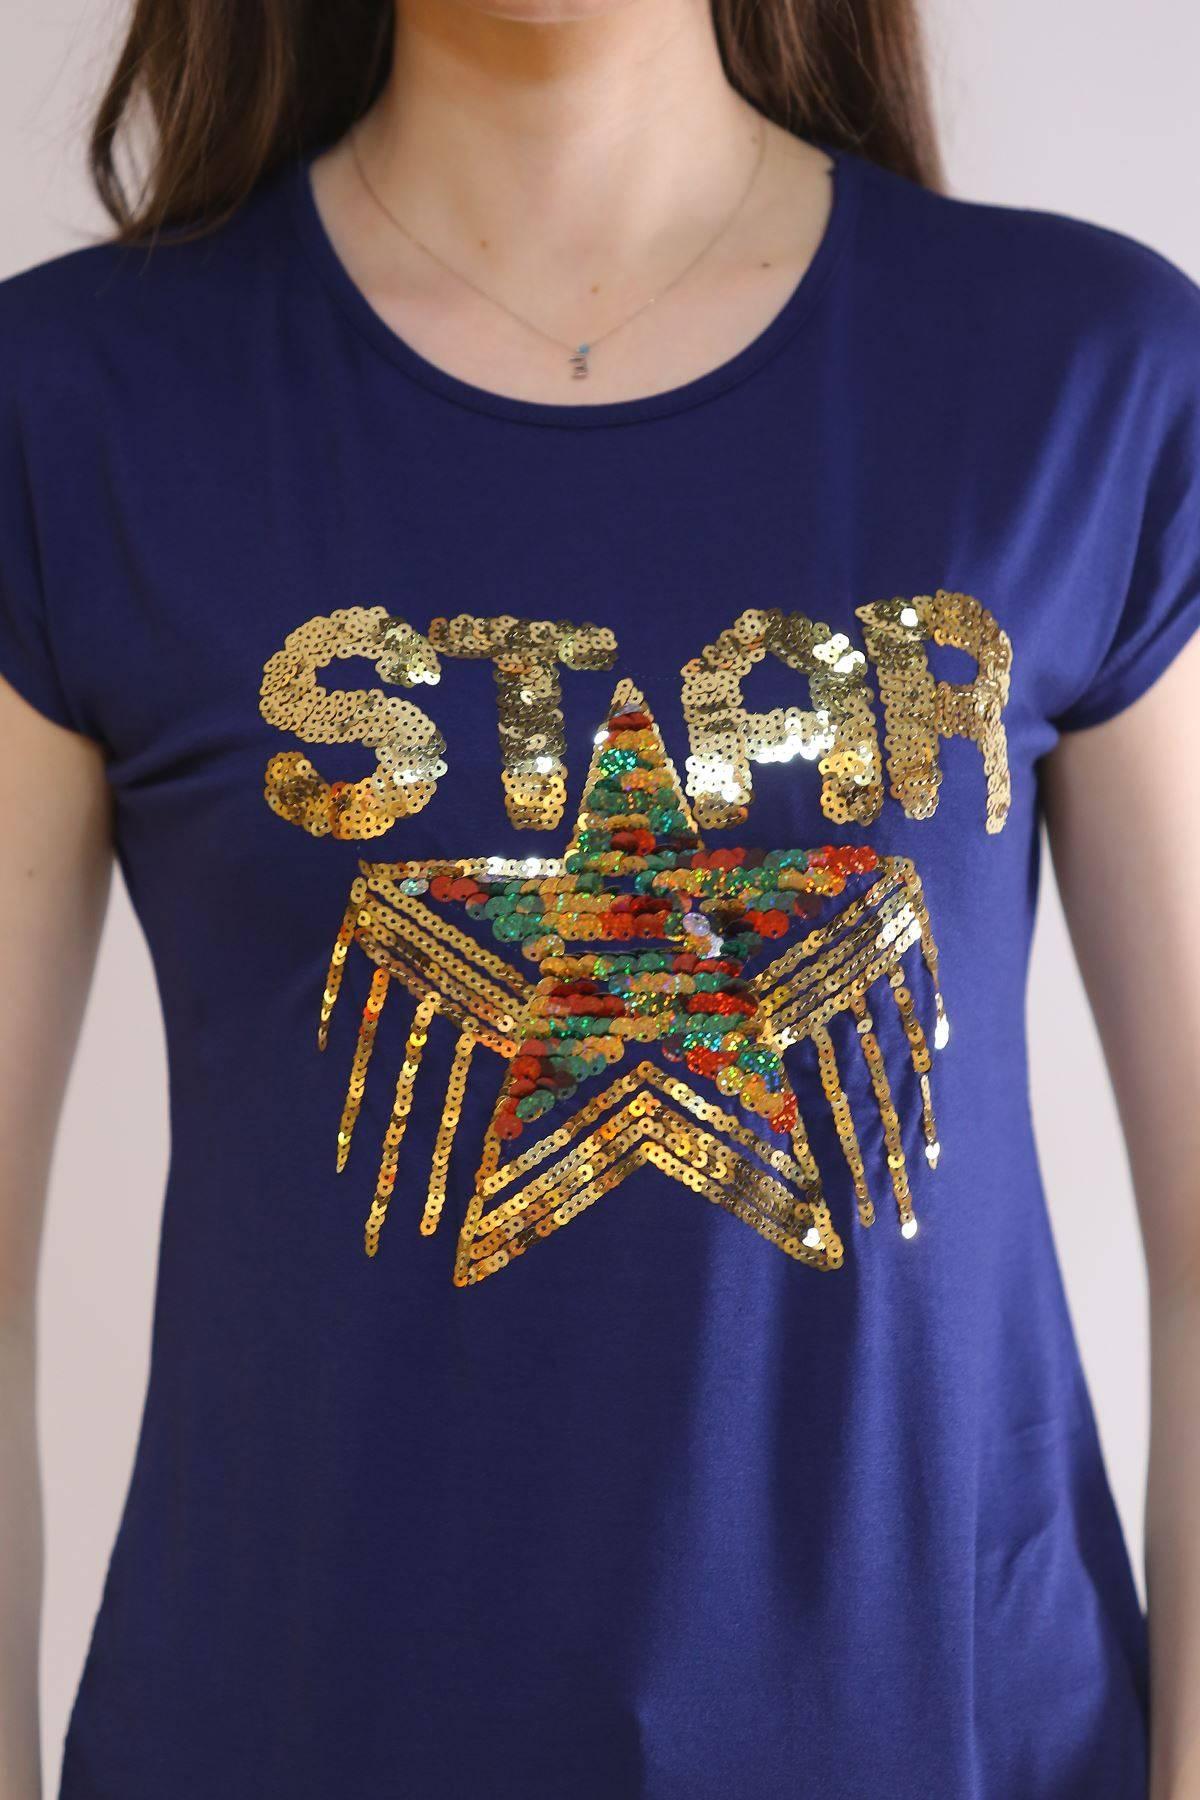 Star Baskı Tişört Lacivert - 6522.599.